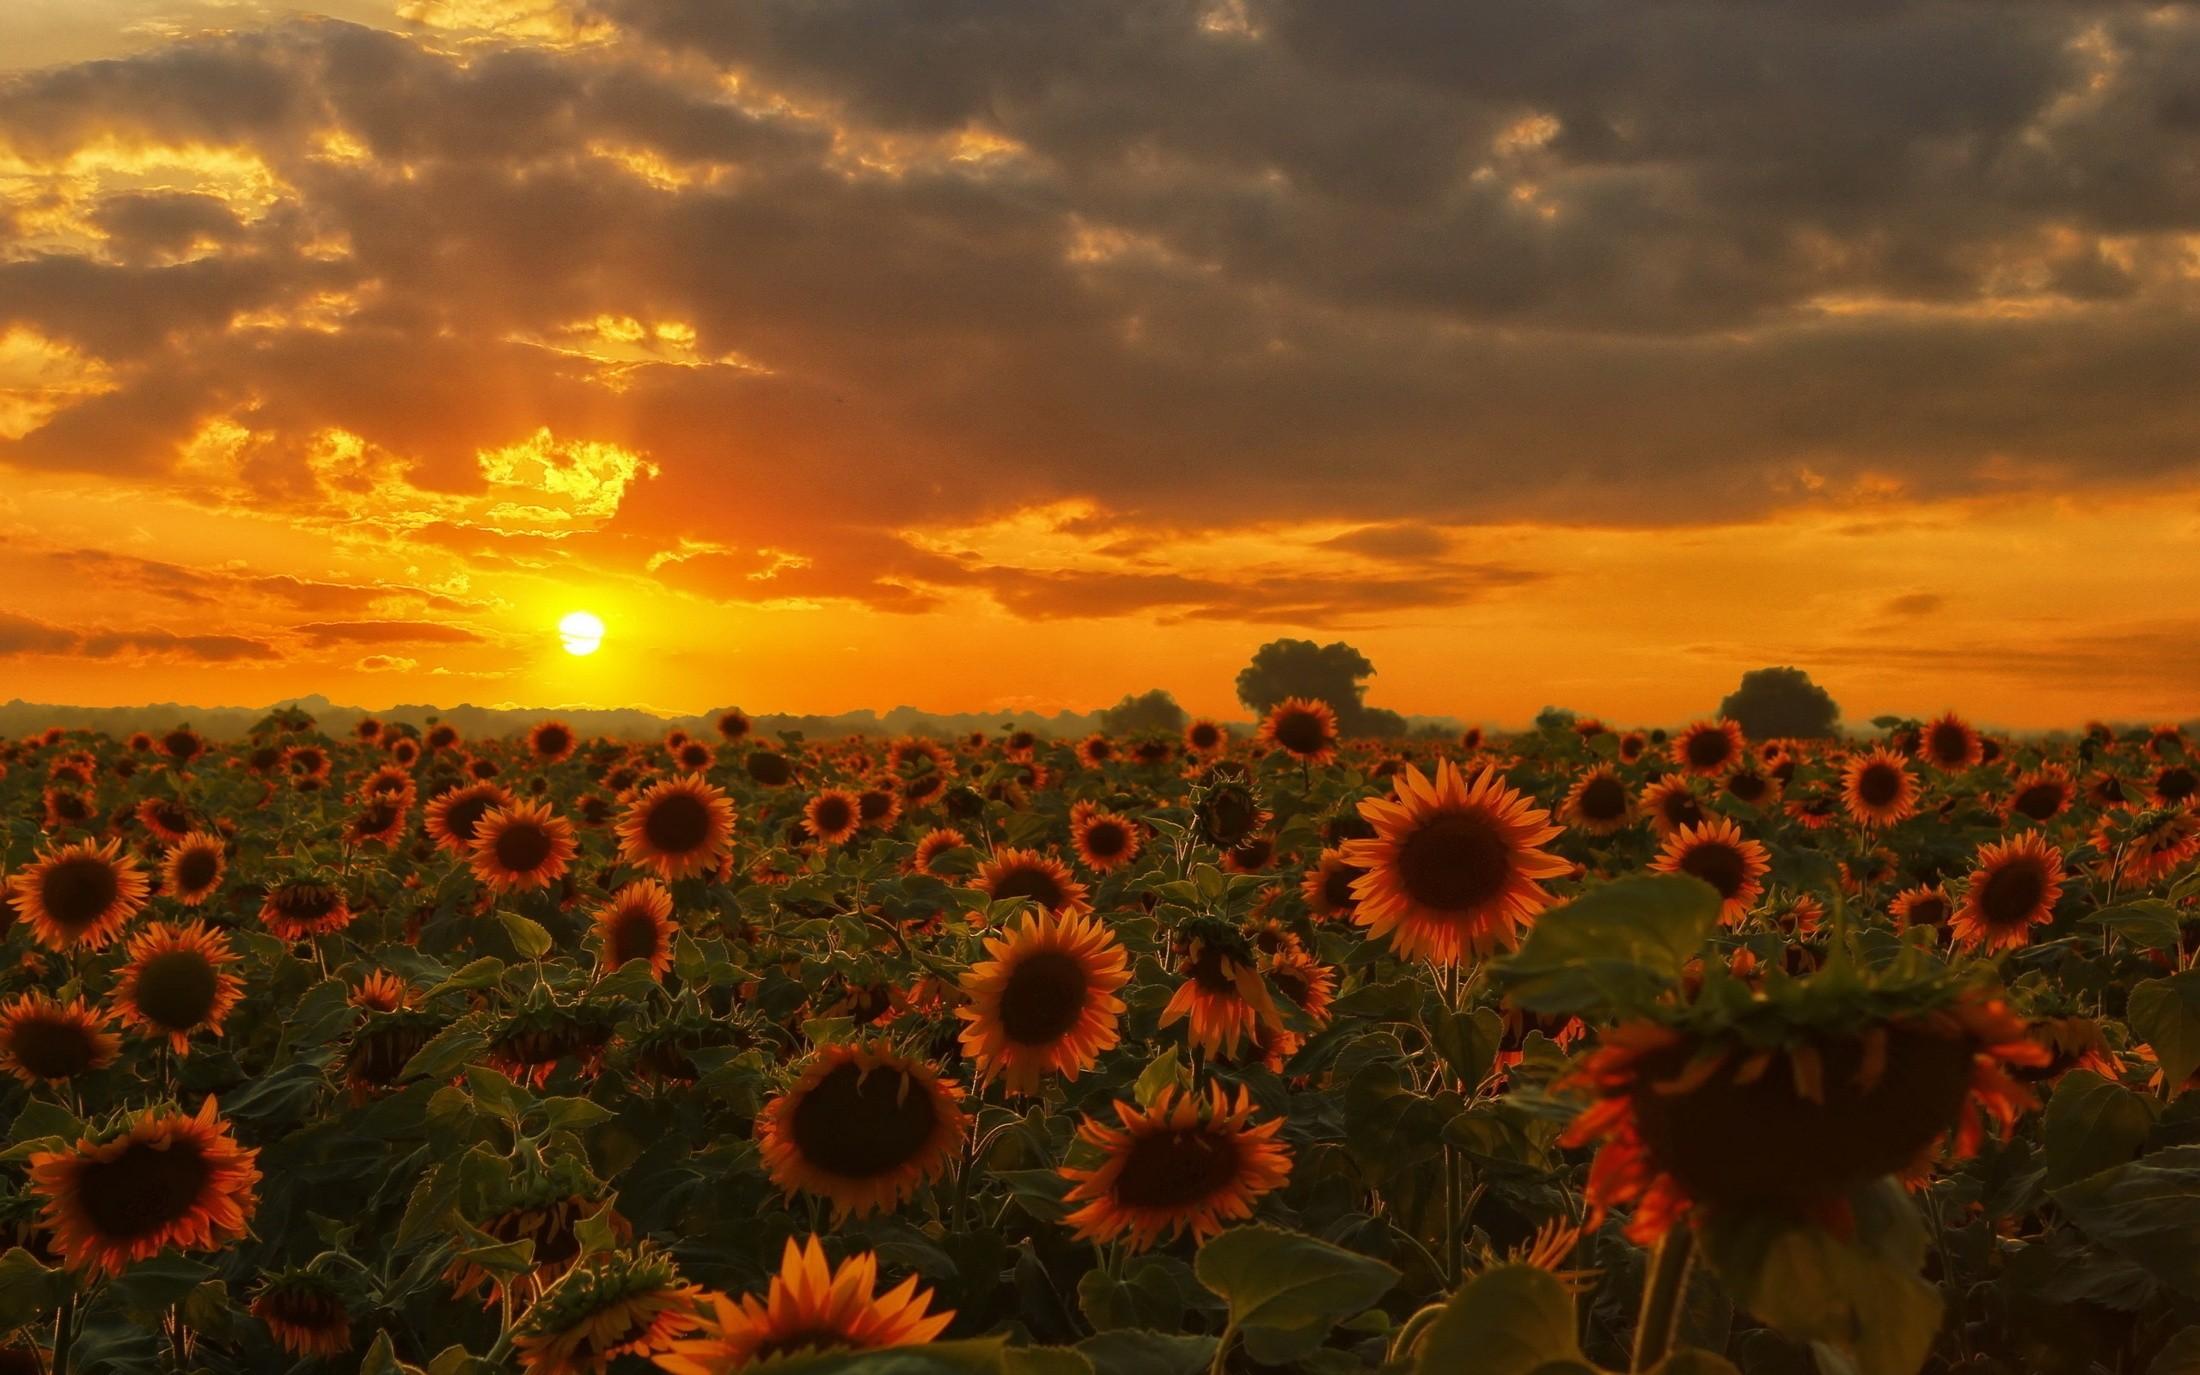 Wallpaper Sinar Matahari Matahari Terbenam Alam Langit Bidang Matahari Terbit Malam Pagi Matahari Senja Bunga Matahari Menanam Polos Padang Rumput Perasaan Senang Sesudah Mengalami Kesenganan Tanaman Tanah Tanaman Berbunga Keluarga Daisy